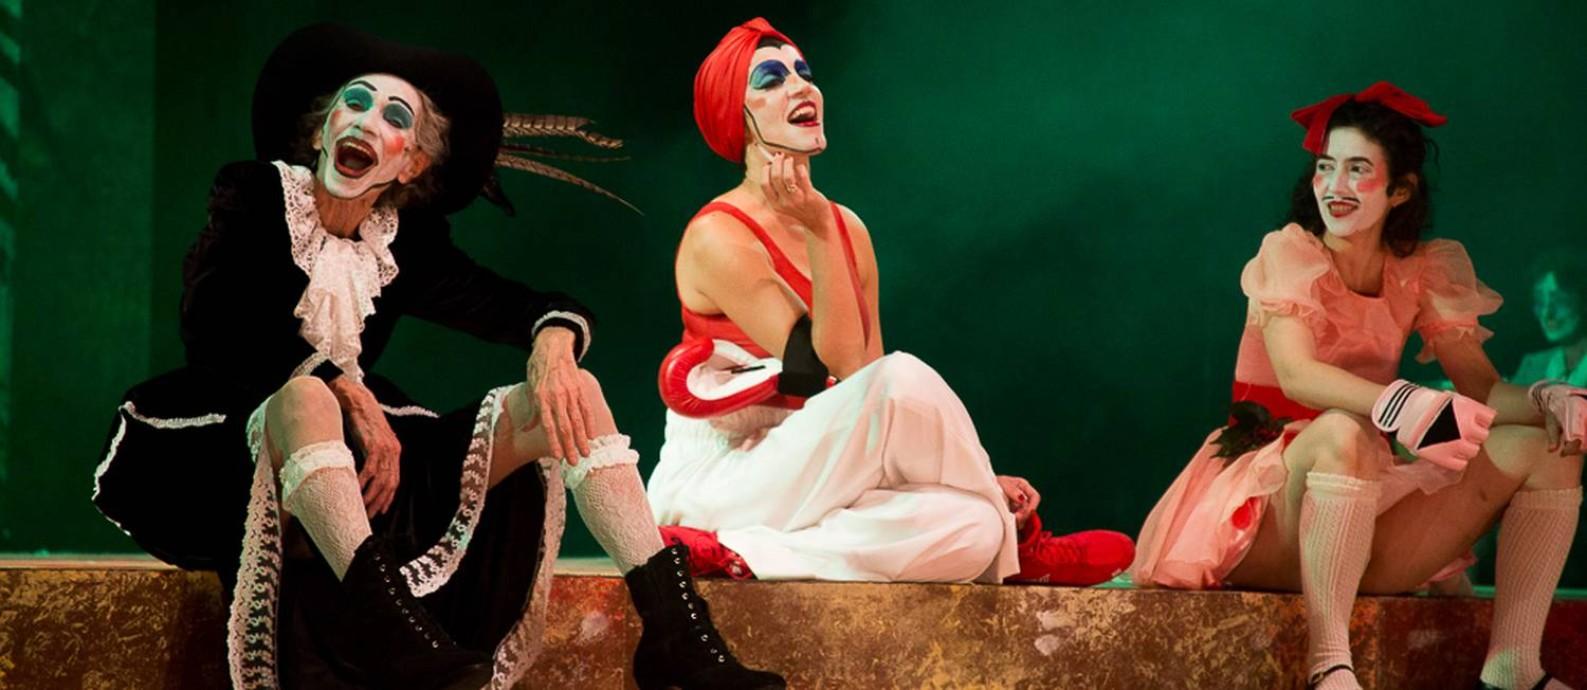 Cena da peça 'O Rei da Vela', de Oswald de Andrade, com direção de José Celso Martinez Correa Foto: Jennifer Glass / Divulgação